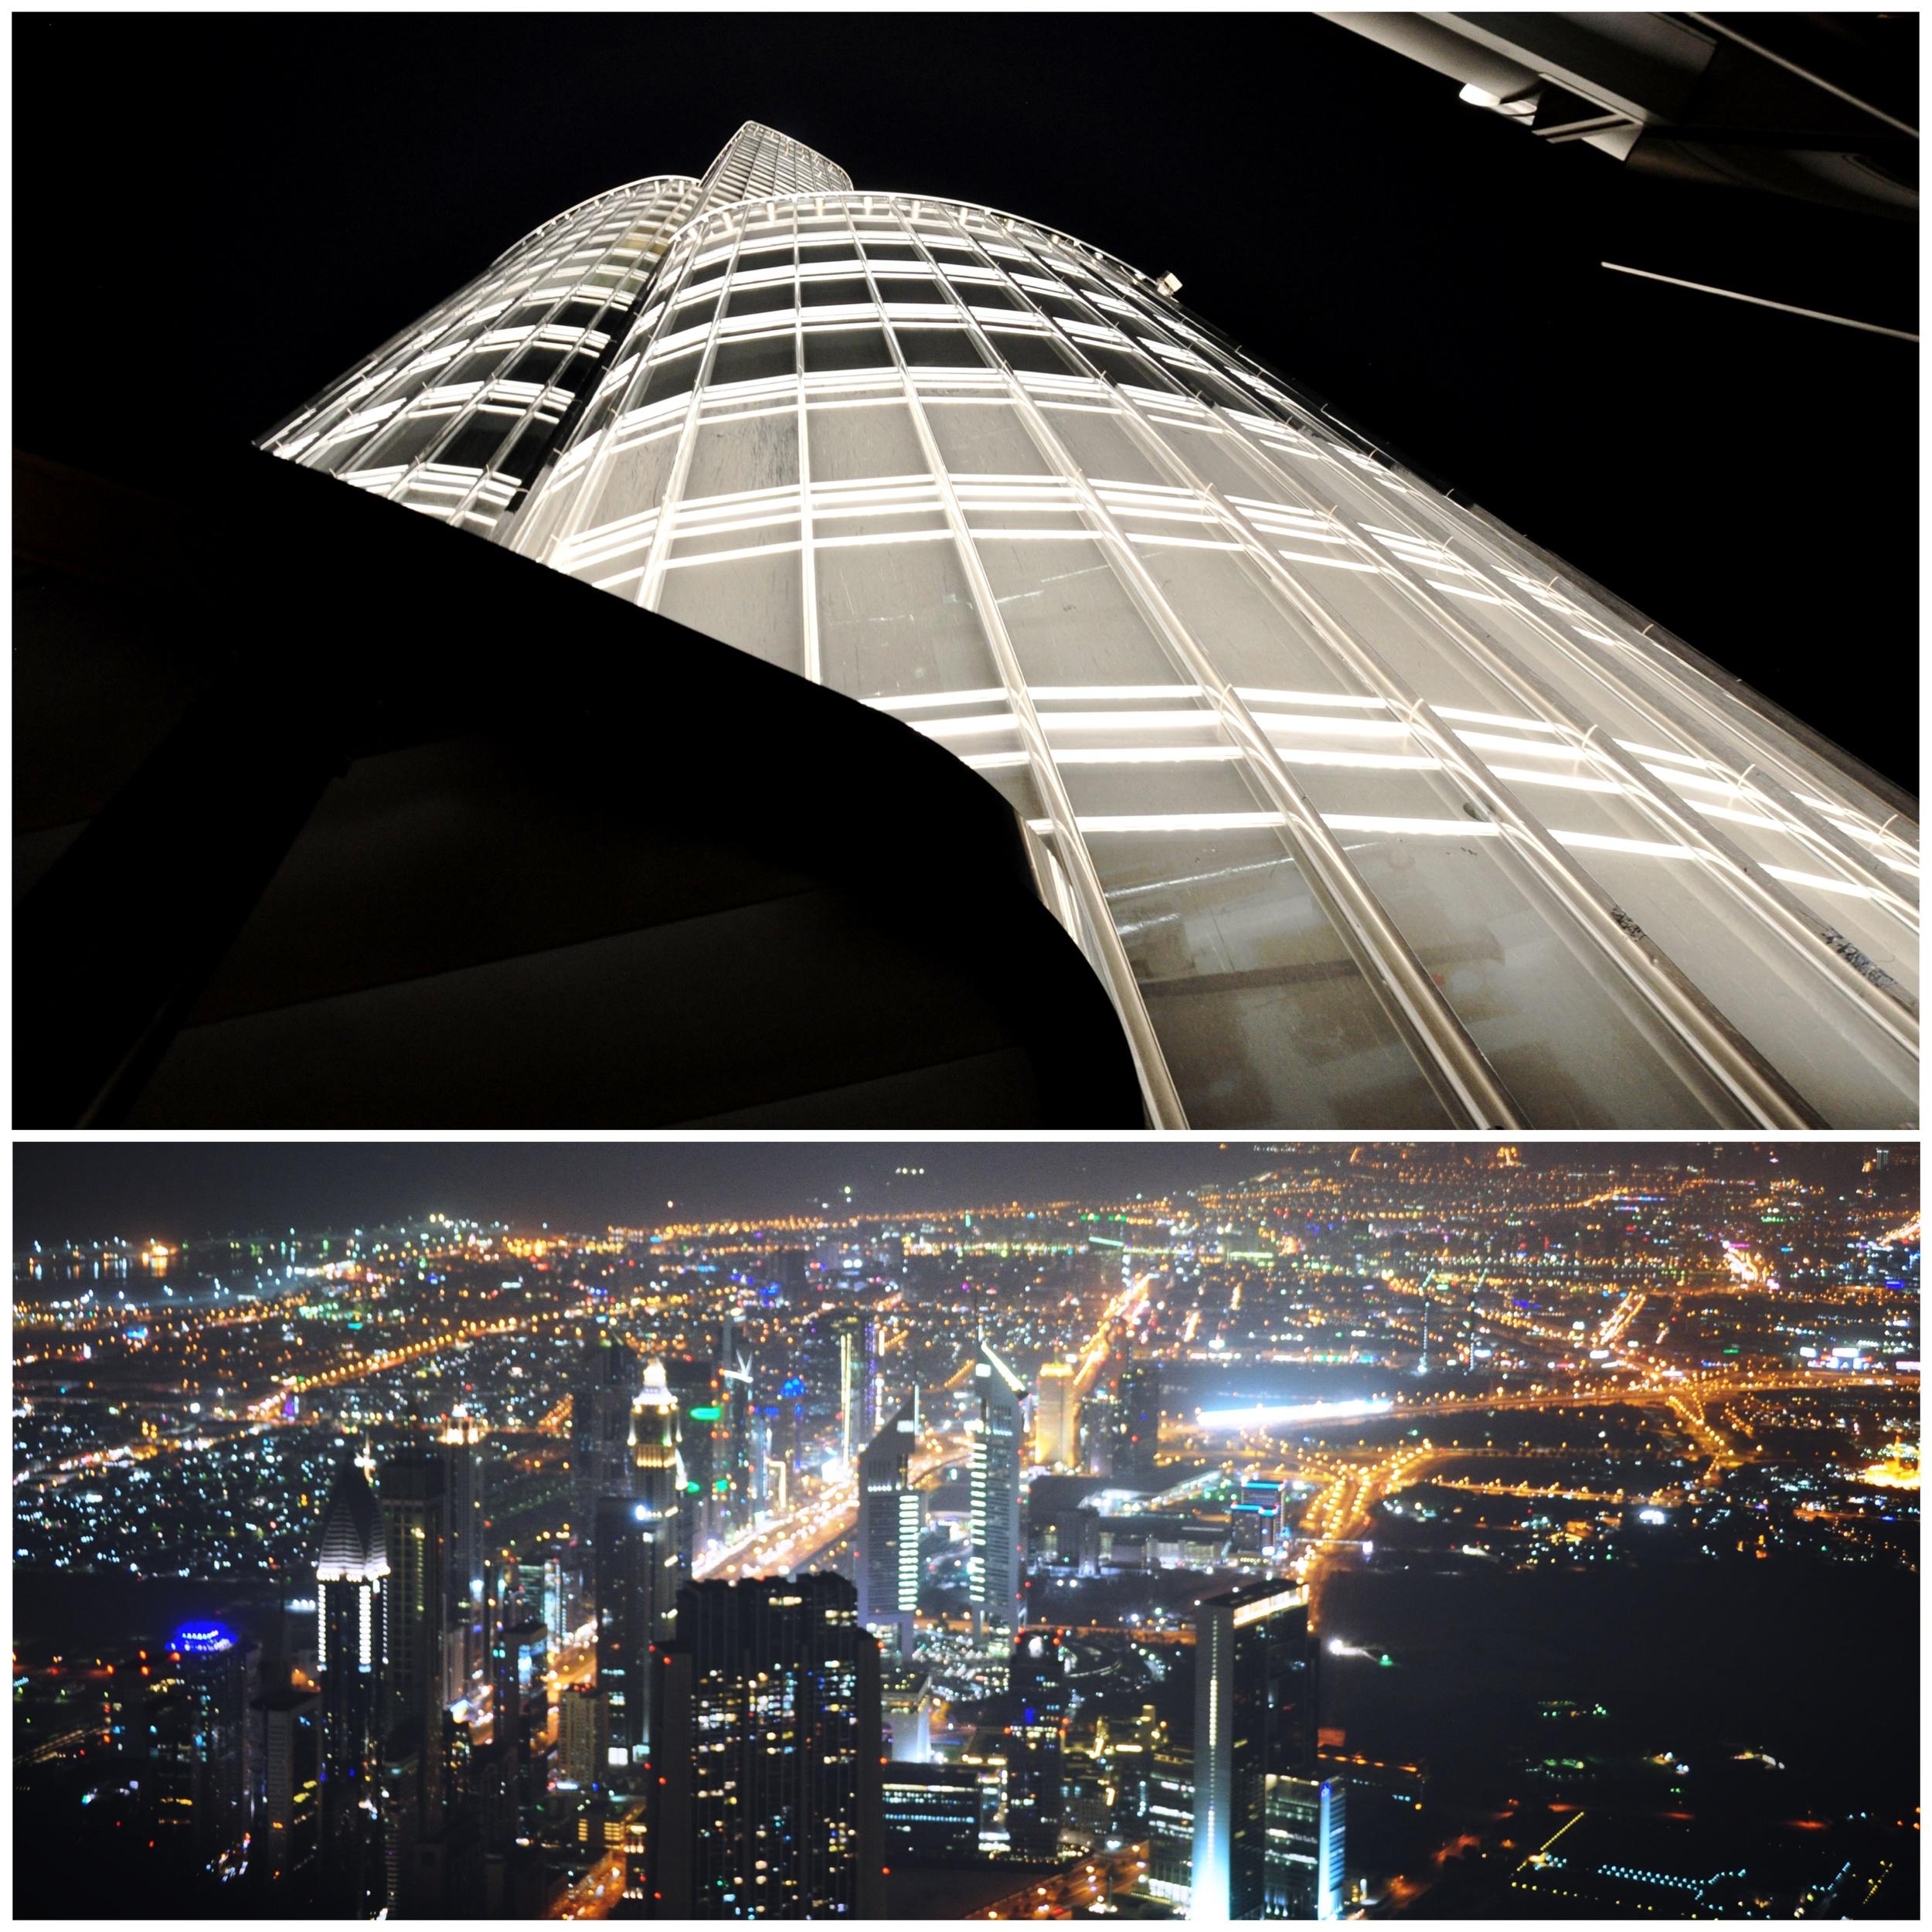 Dubai's Burj Khalifa